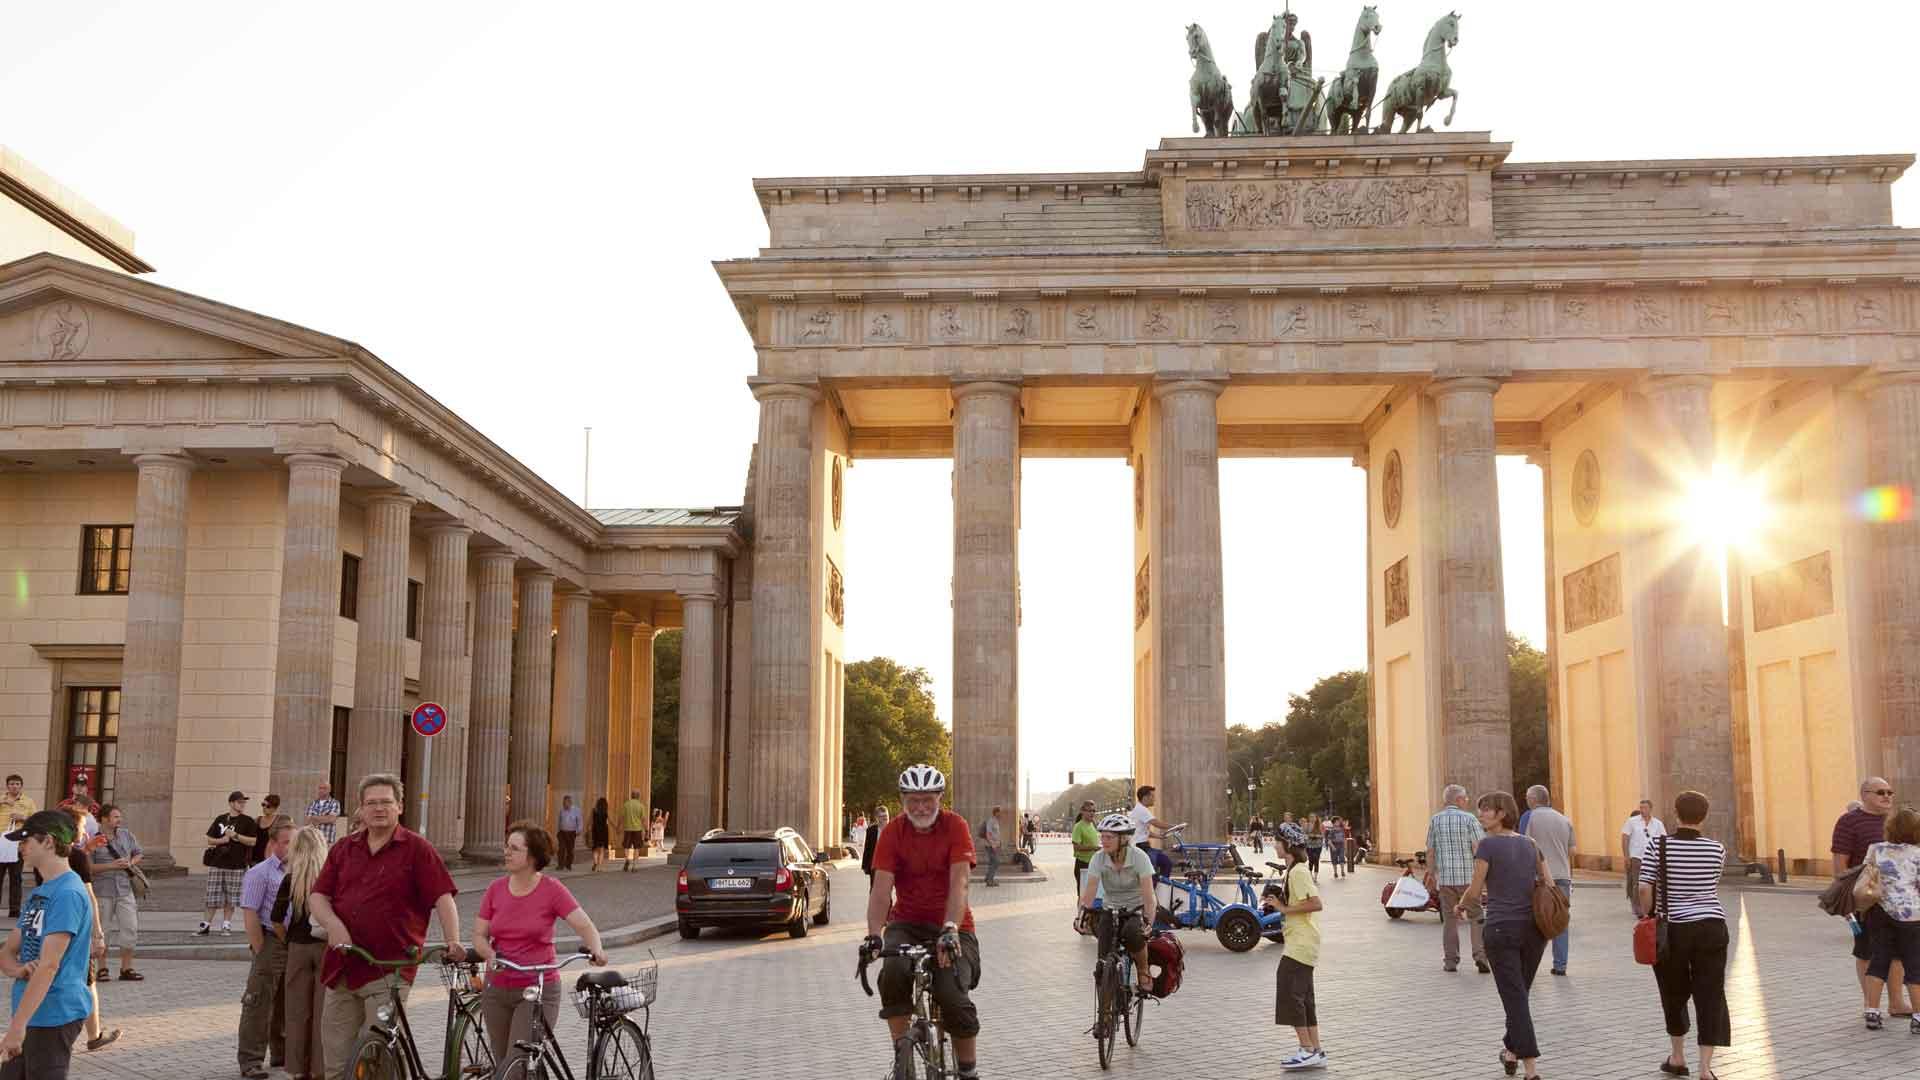 Met de fiets onder het Brandenburger Tor door.